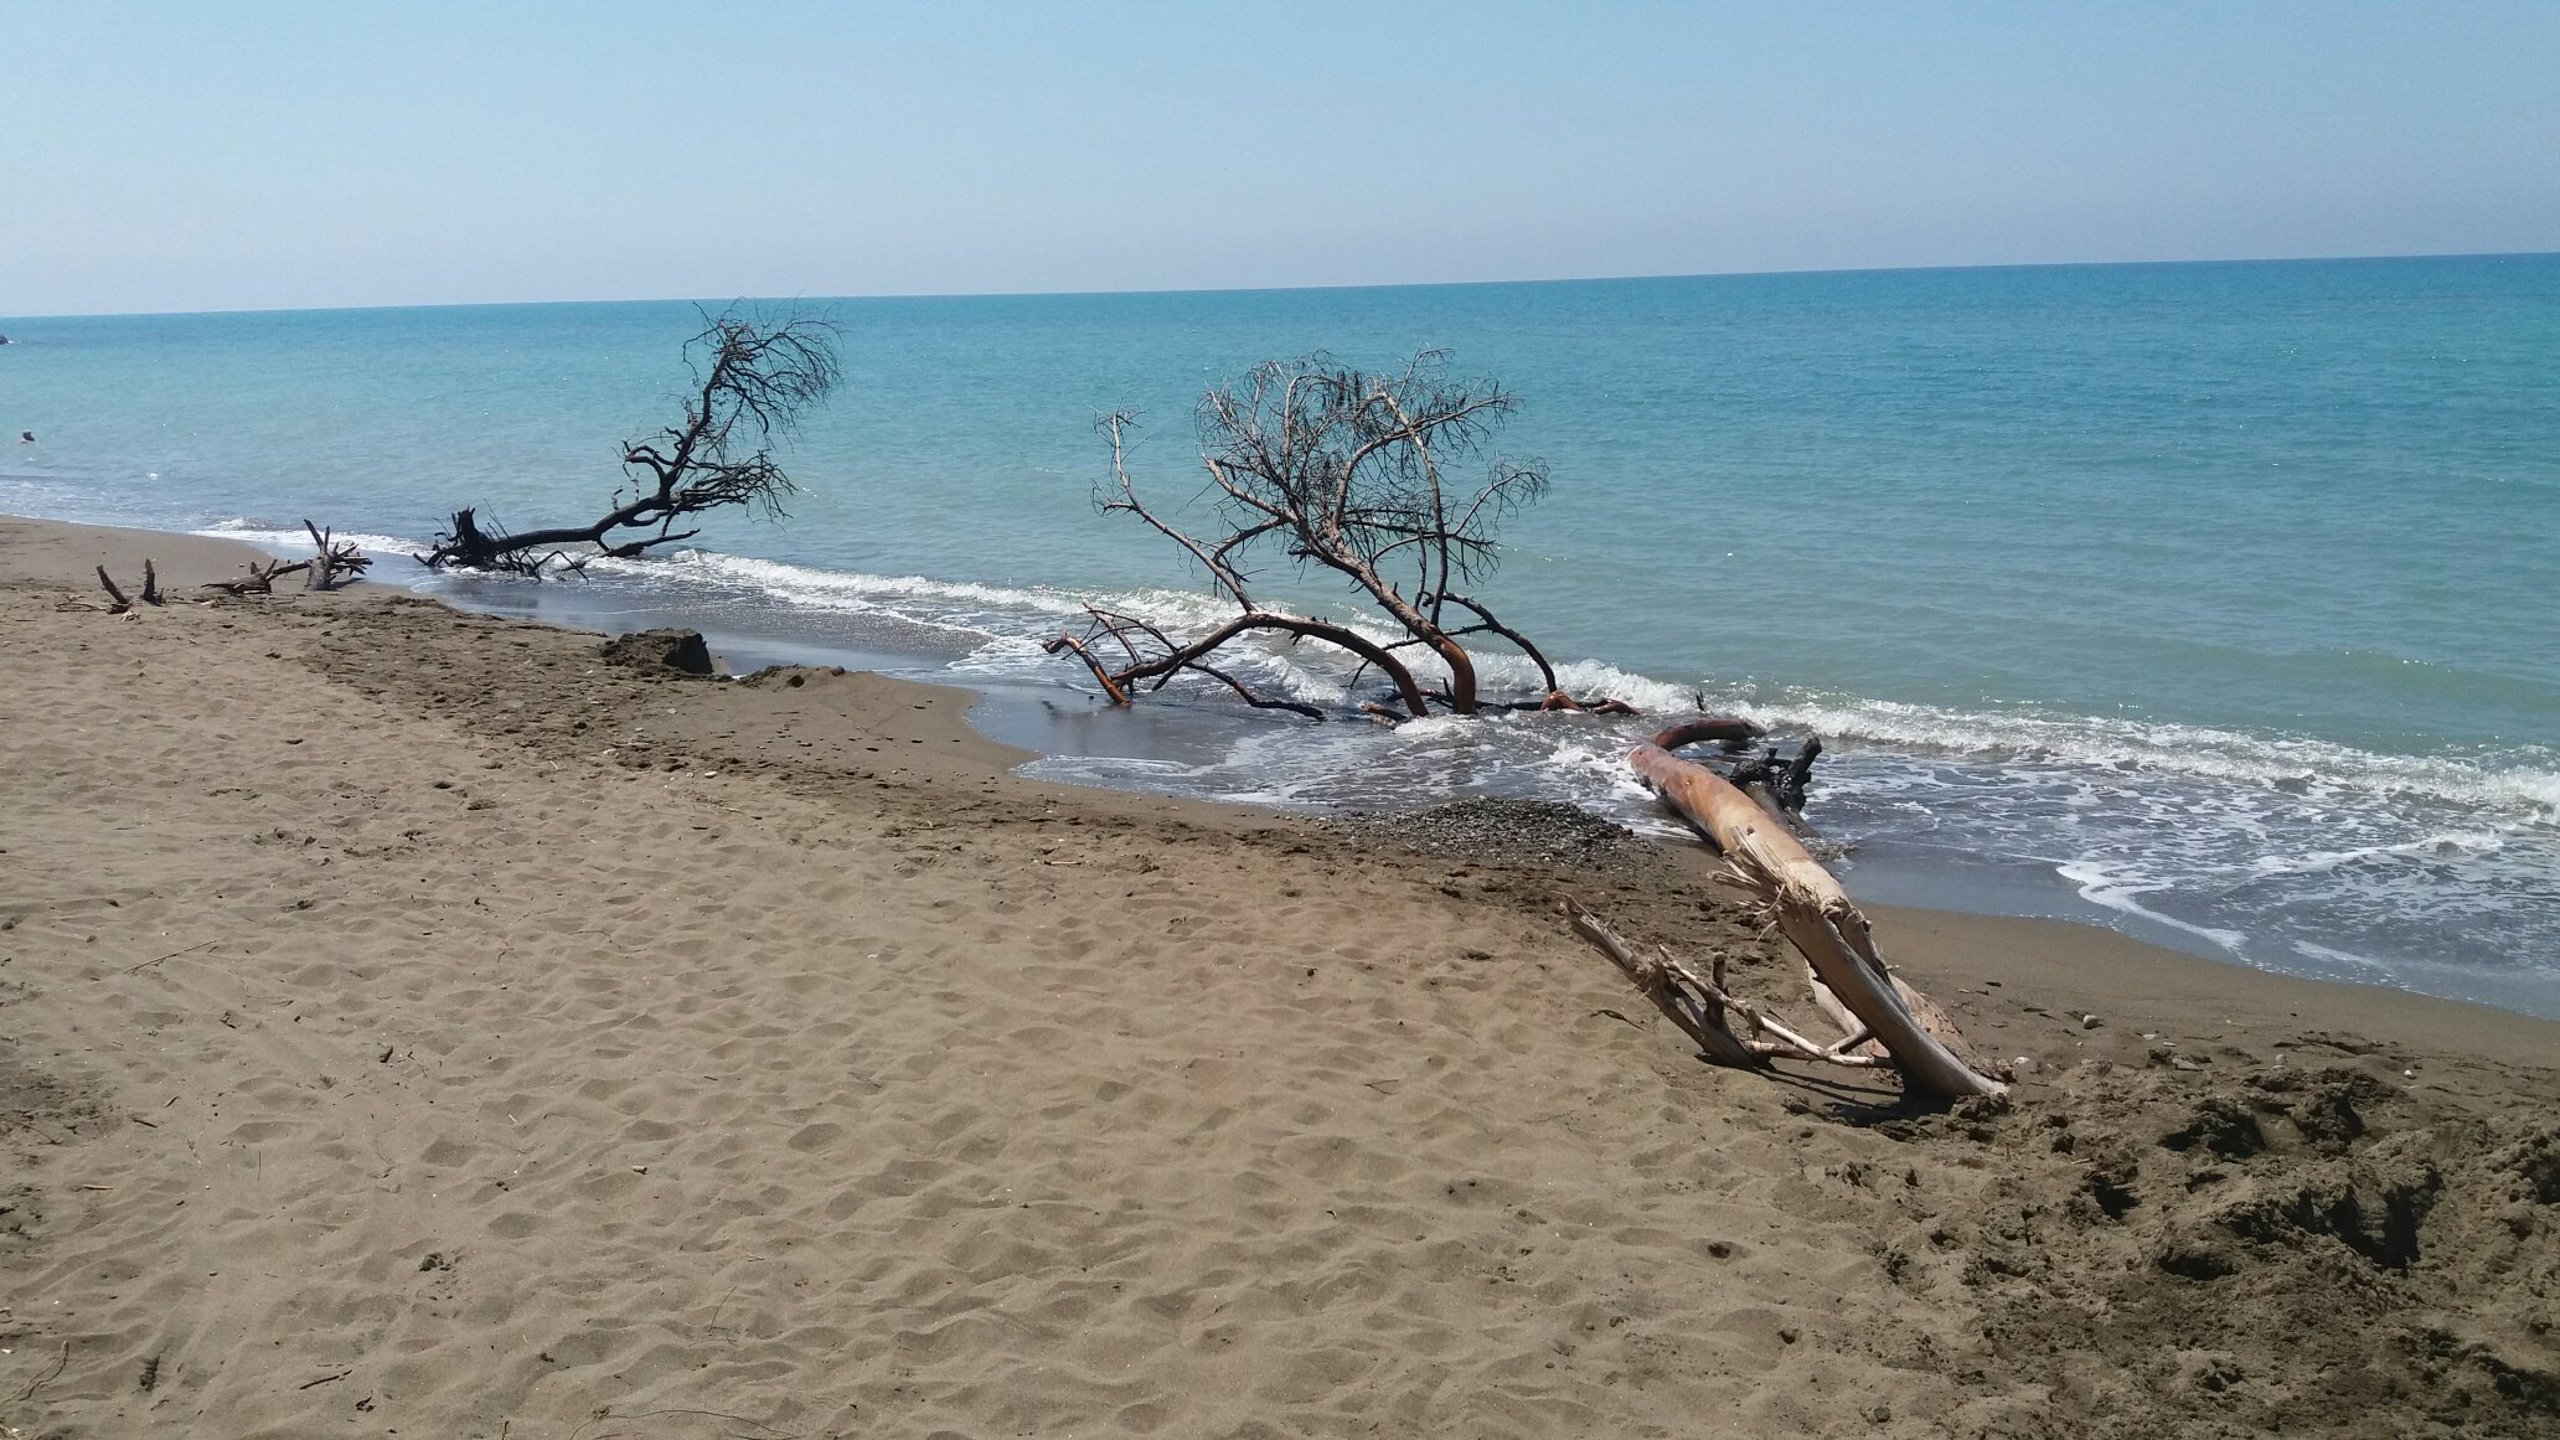 Riserva Naturale Tombolo di Cecina (Marina di Cecina): AGGIORNATO 2020 - tutto quello che c'è da sapere - Tripadvisor